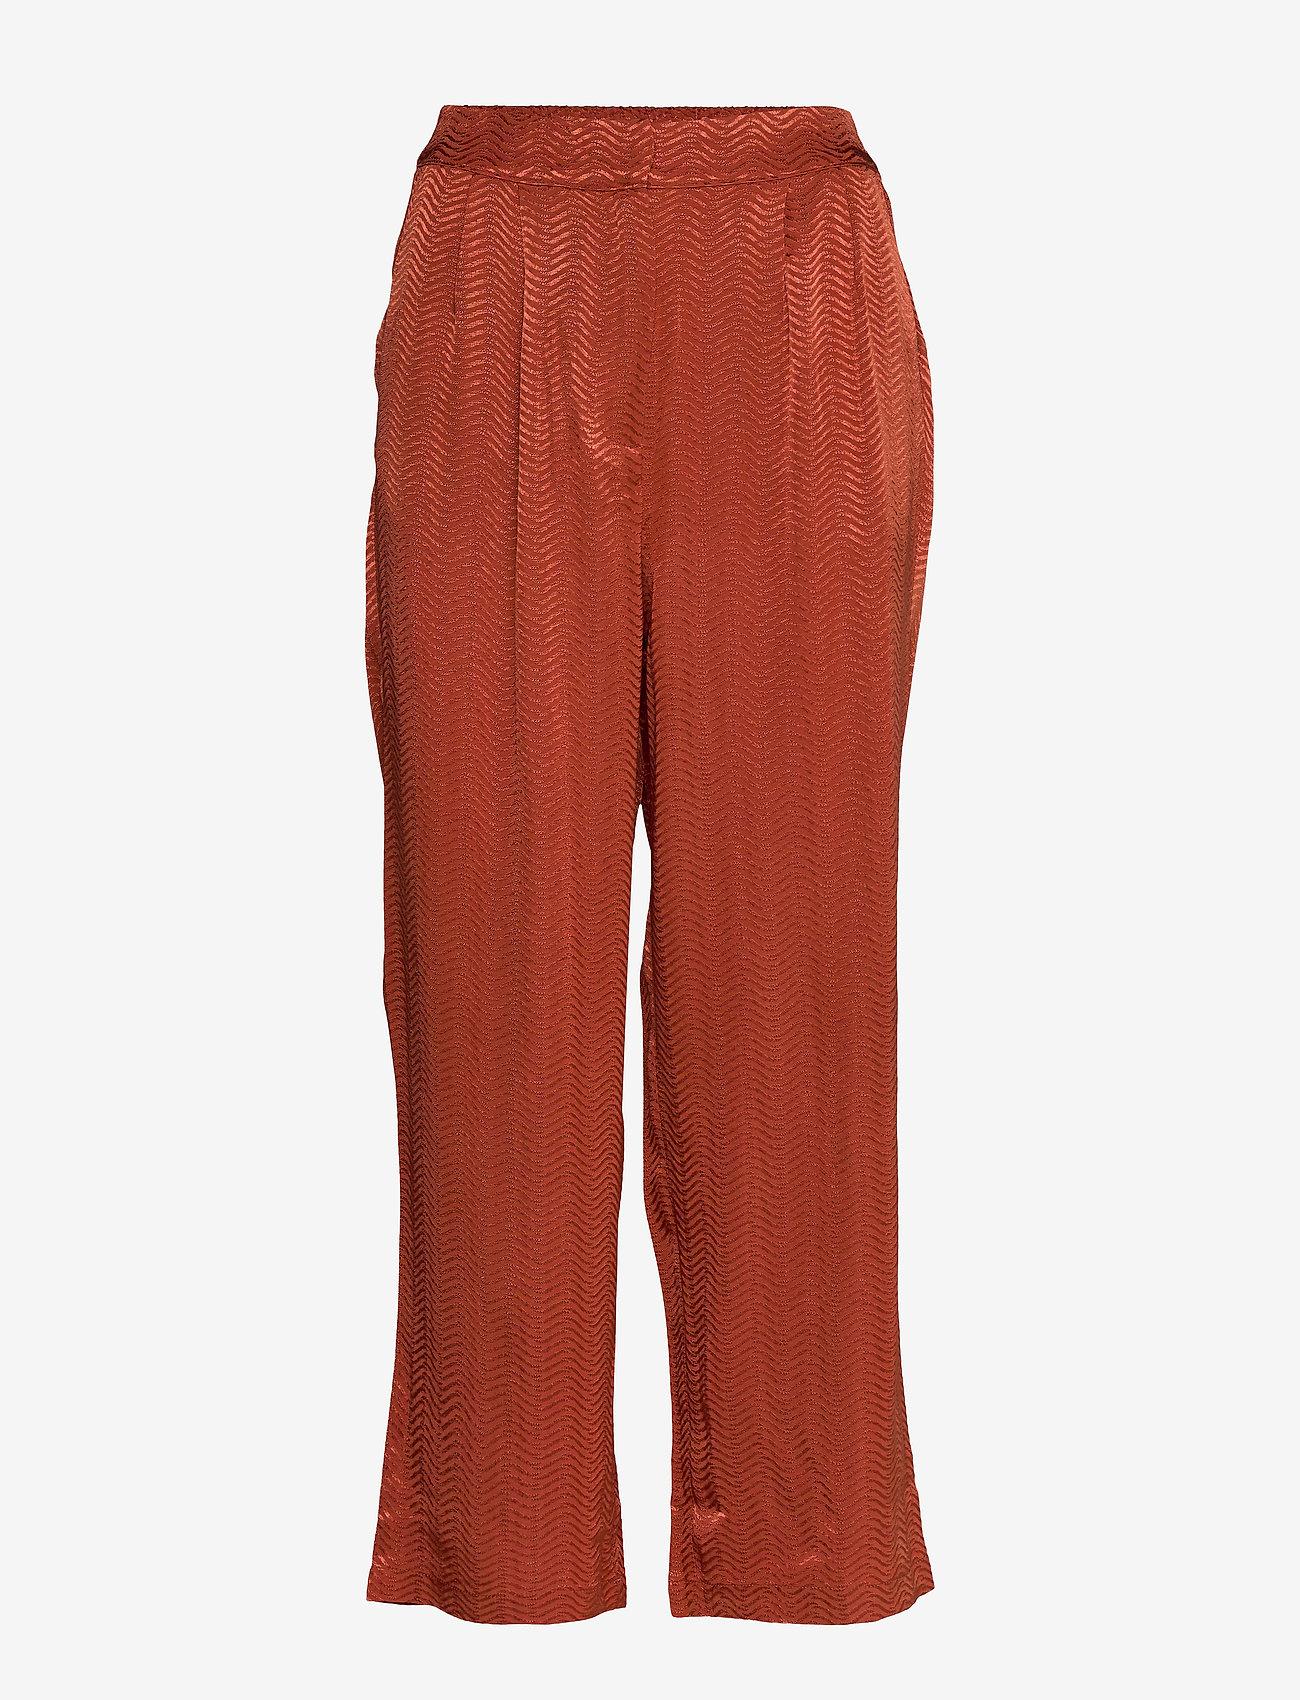 Minus - Sanja pants - bukser med brede ben - safran - 0